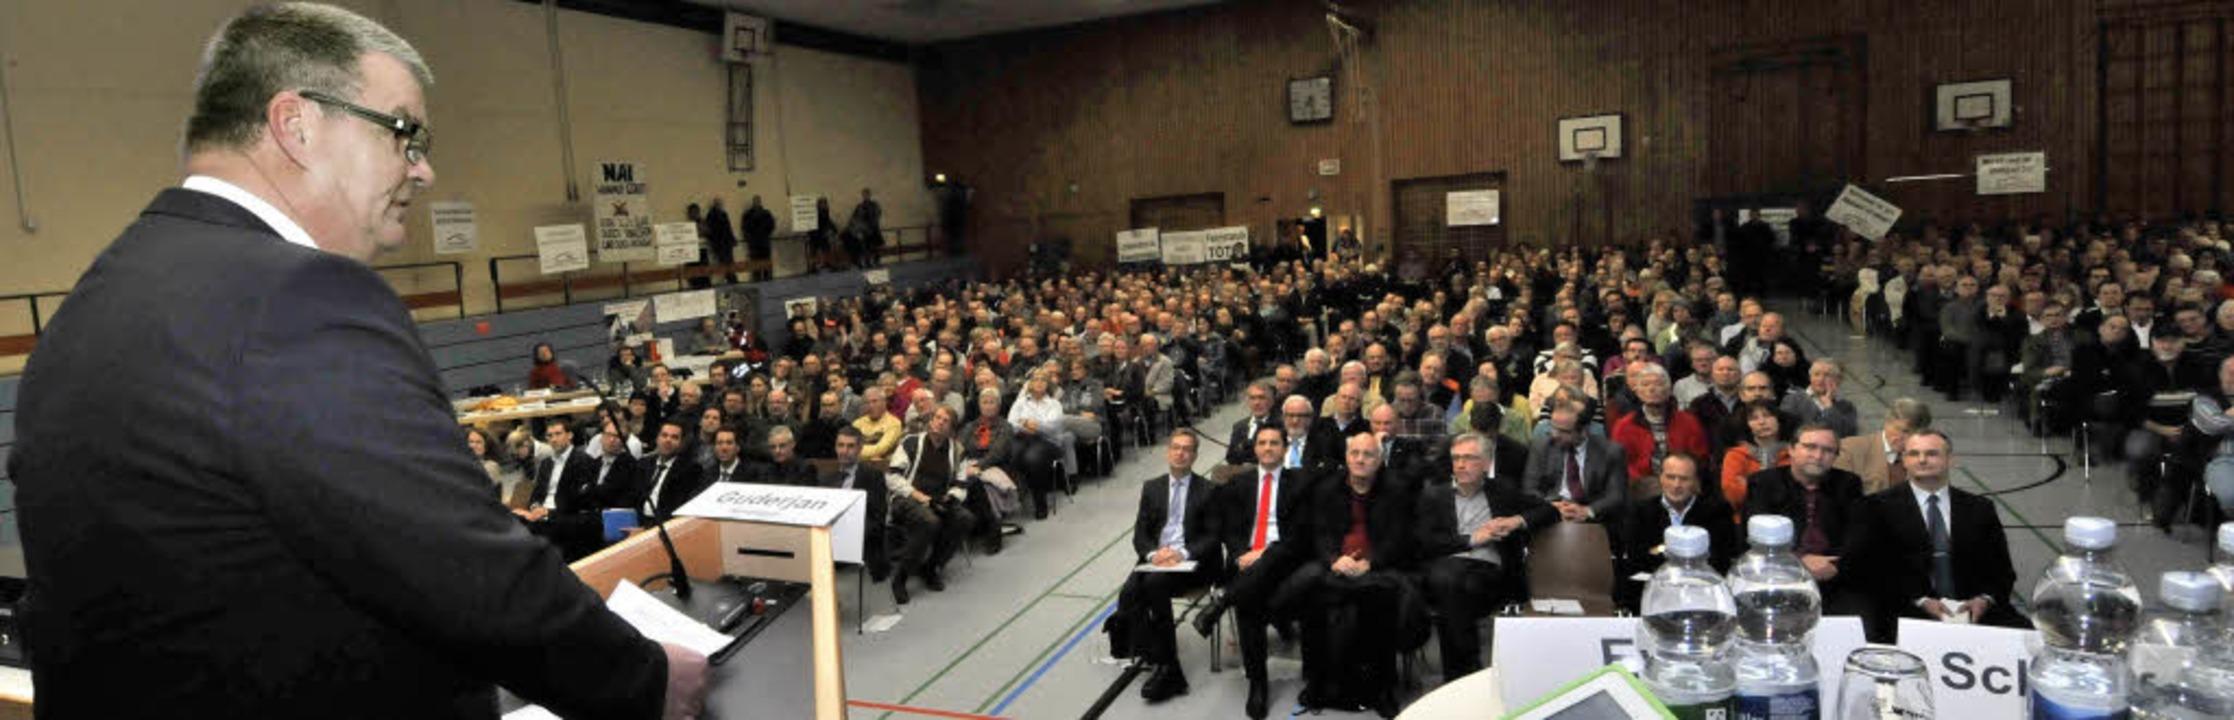 Kenzingens Bürgermeister Matthias Gude...le und erhielt dafür tosenden Beifall.  | Foto: Siegfried Gollrad